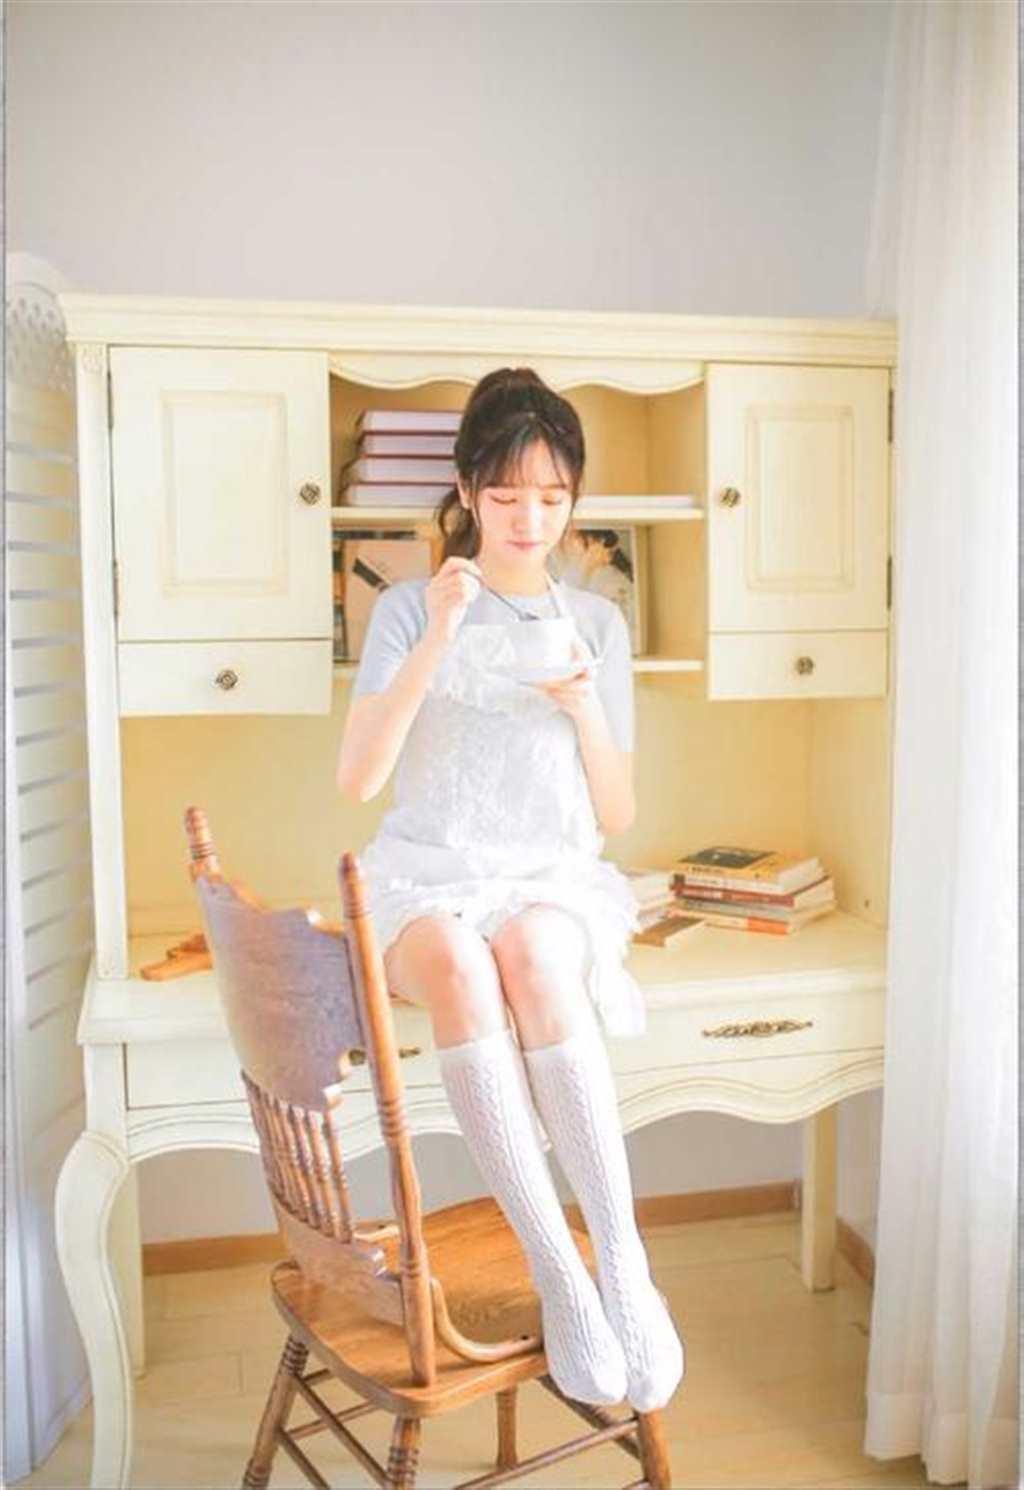 极品美女尤物性感白丝美腿私房诱人写真图片(点击浏览下一张趣图)